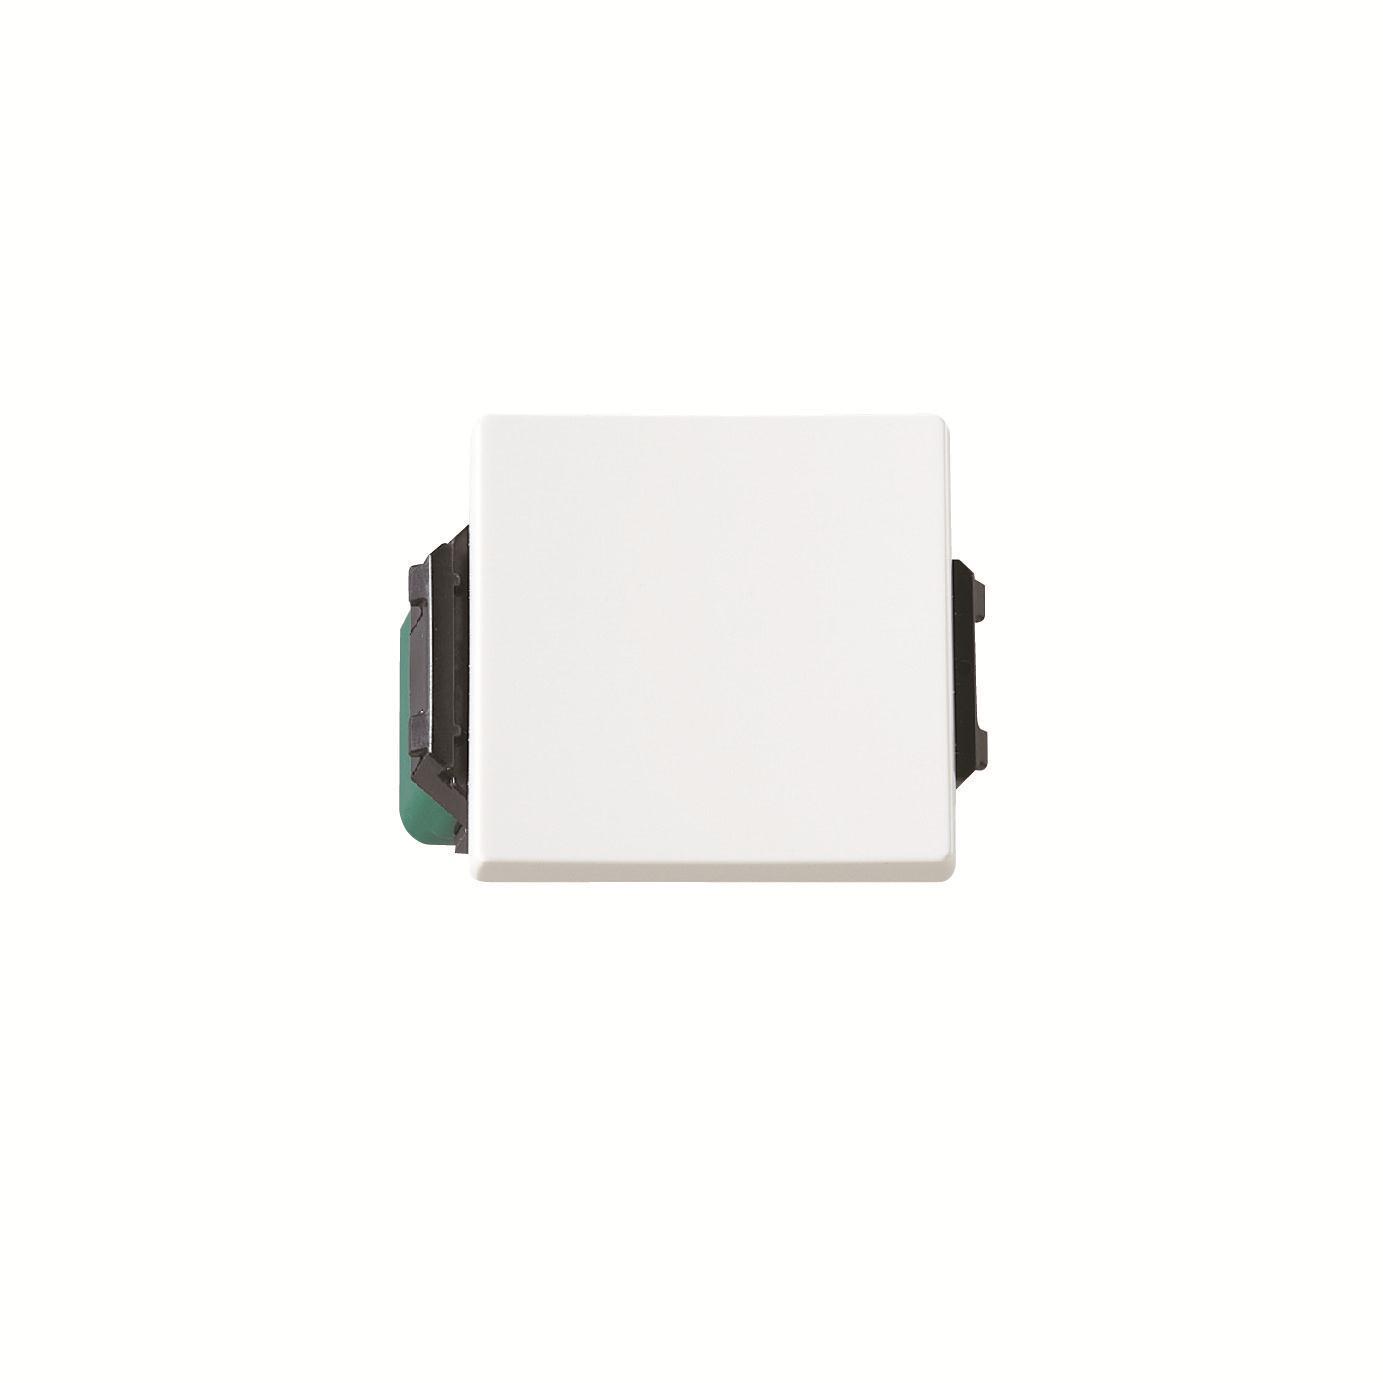 Công tắc điện Panasonic WEVH5522 ( Công tắc điện Halumie 2 chiều )